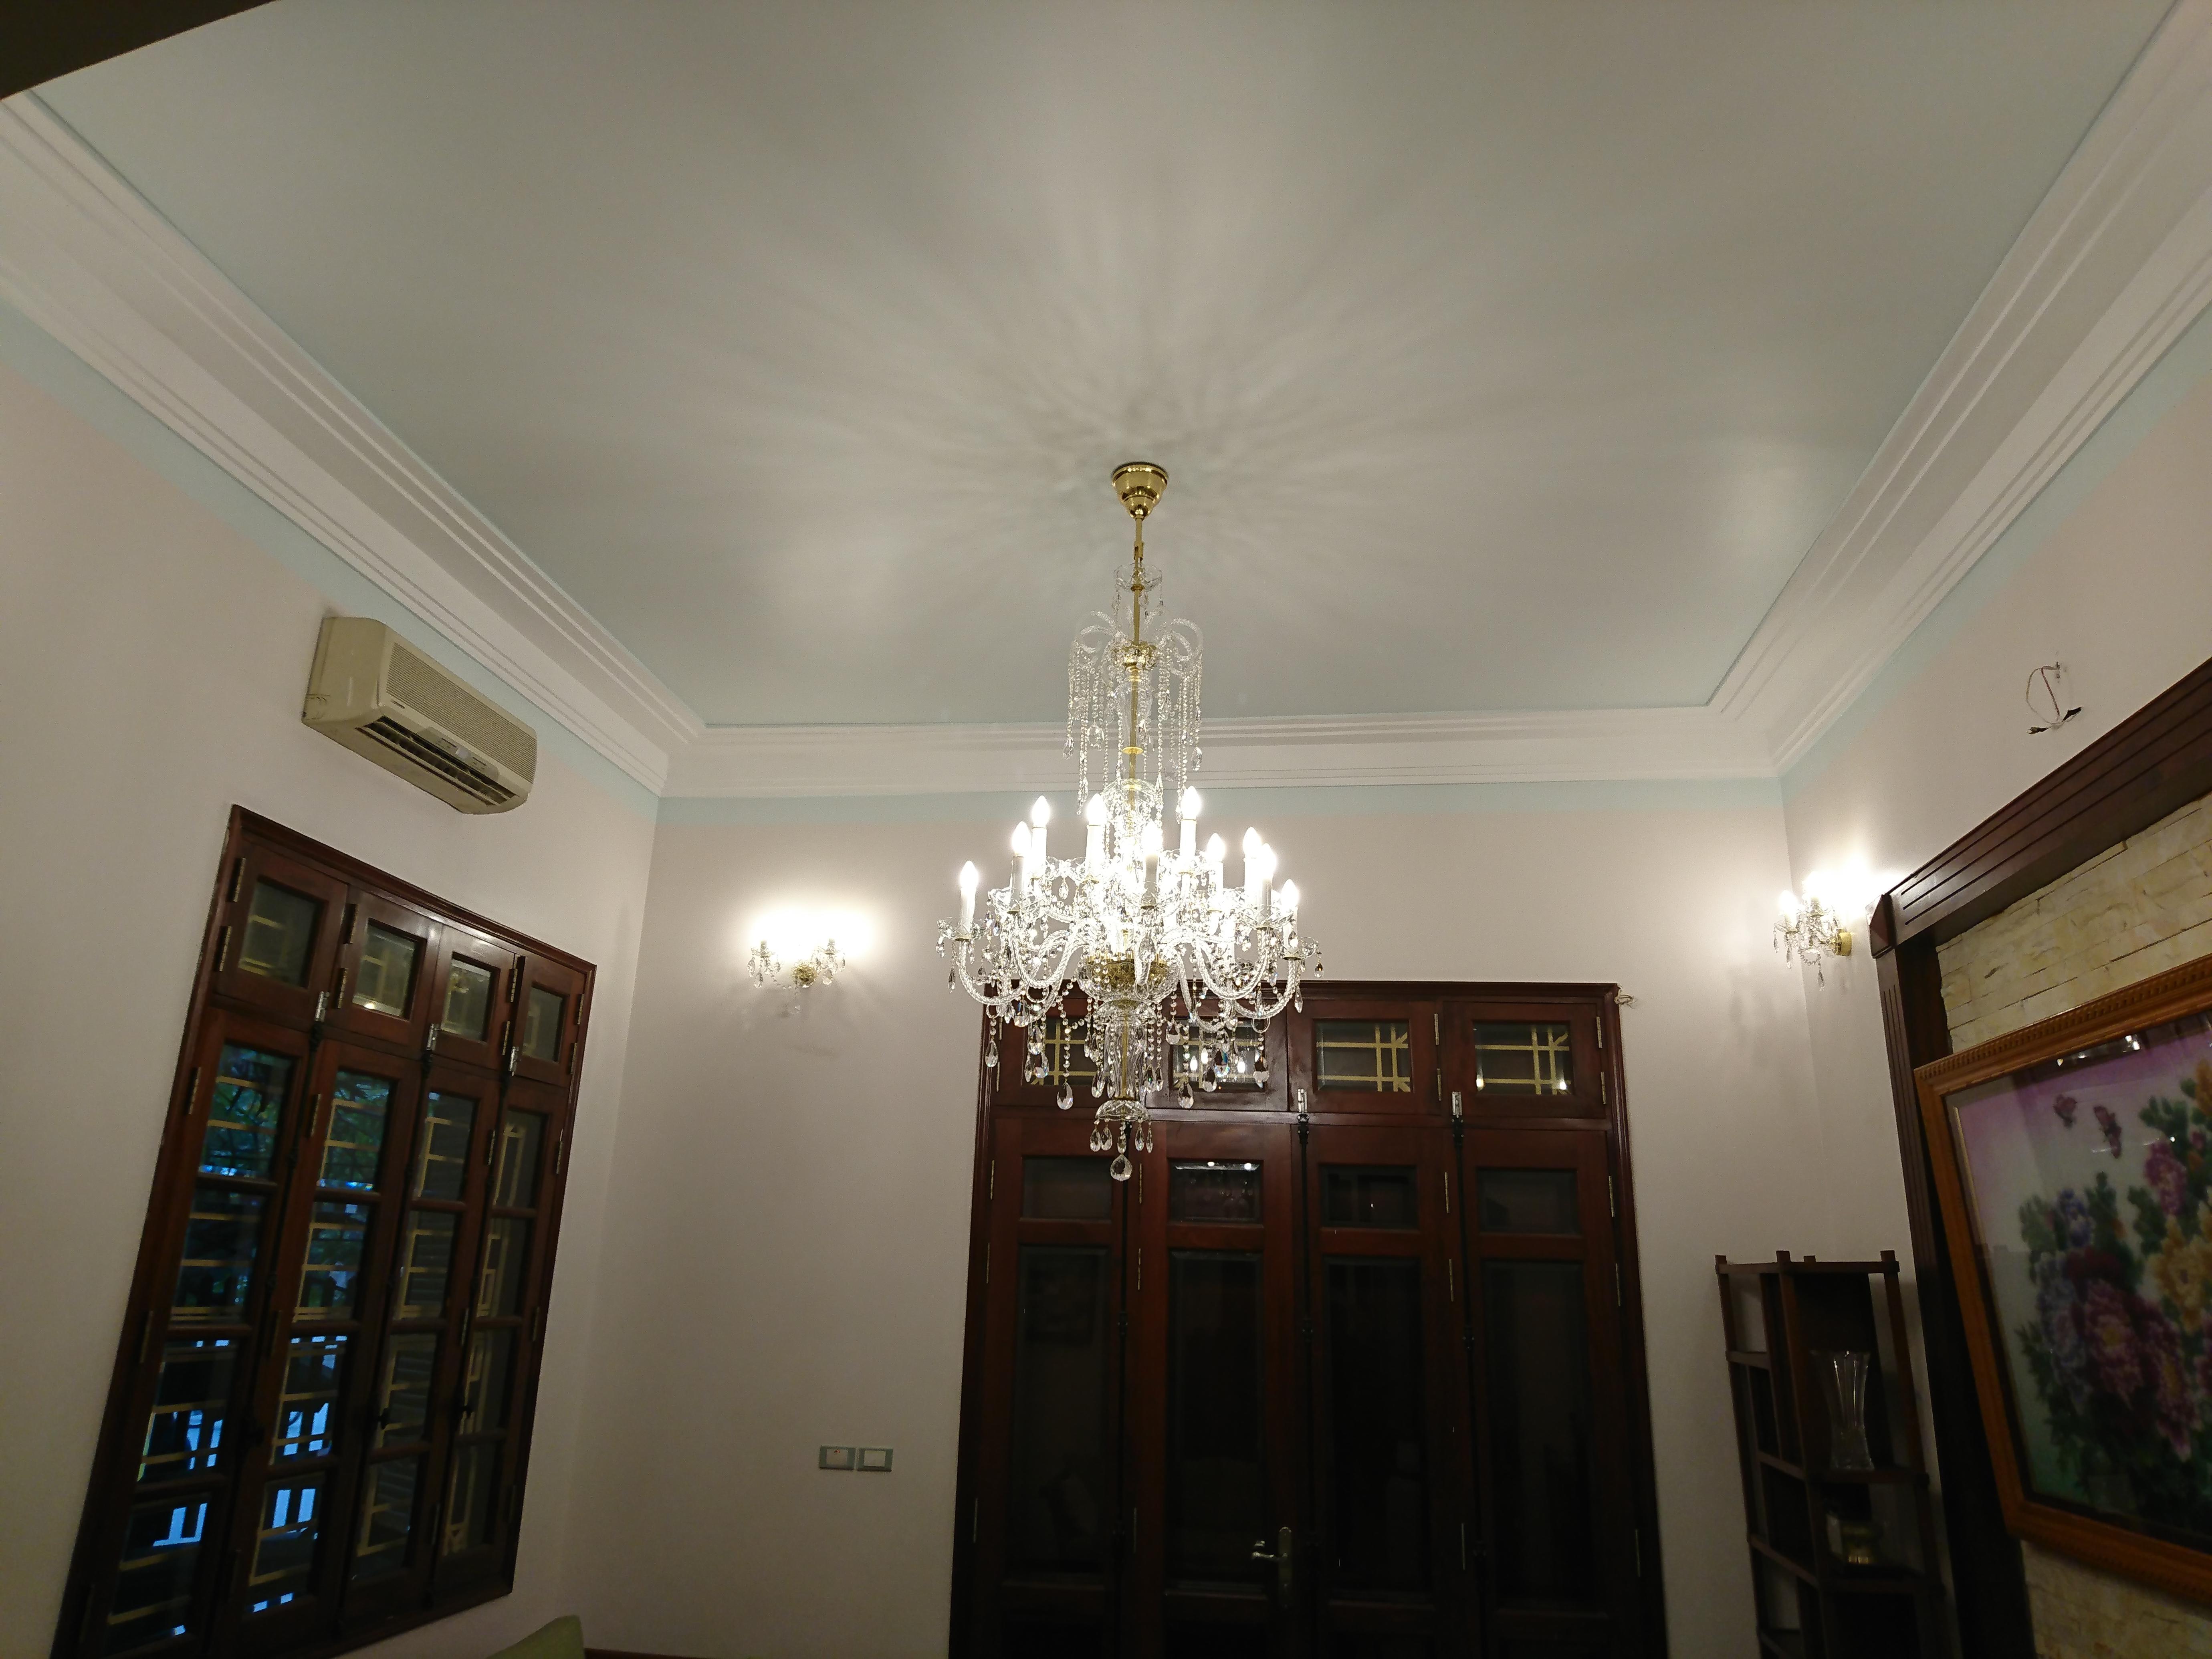 đèn pha lê treo tường trang trí phòng ngủ